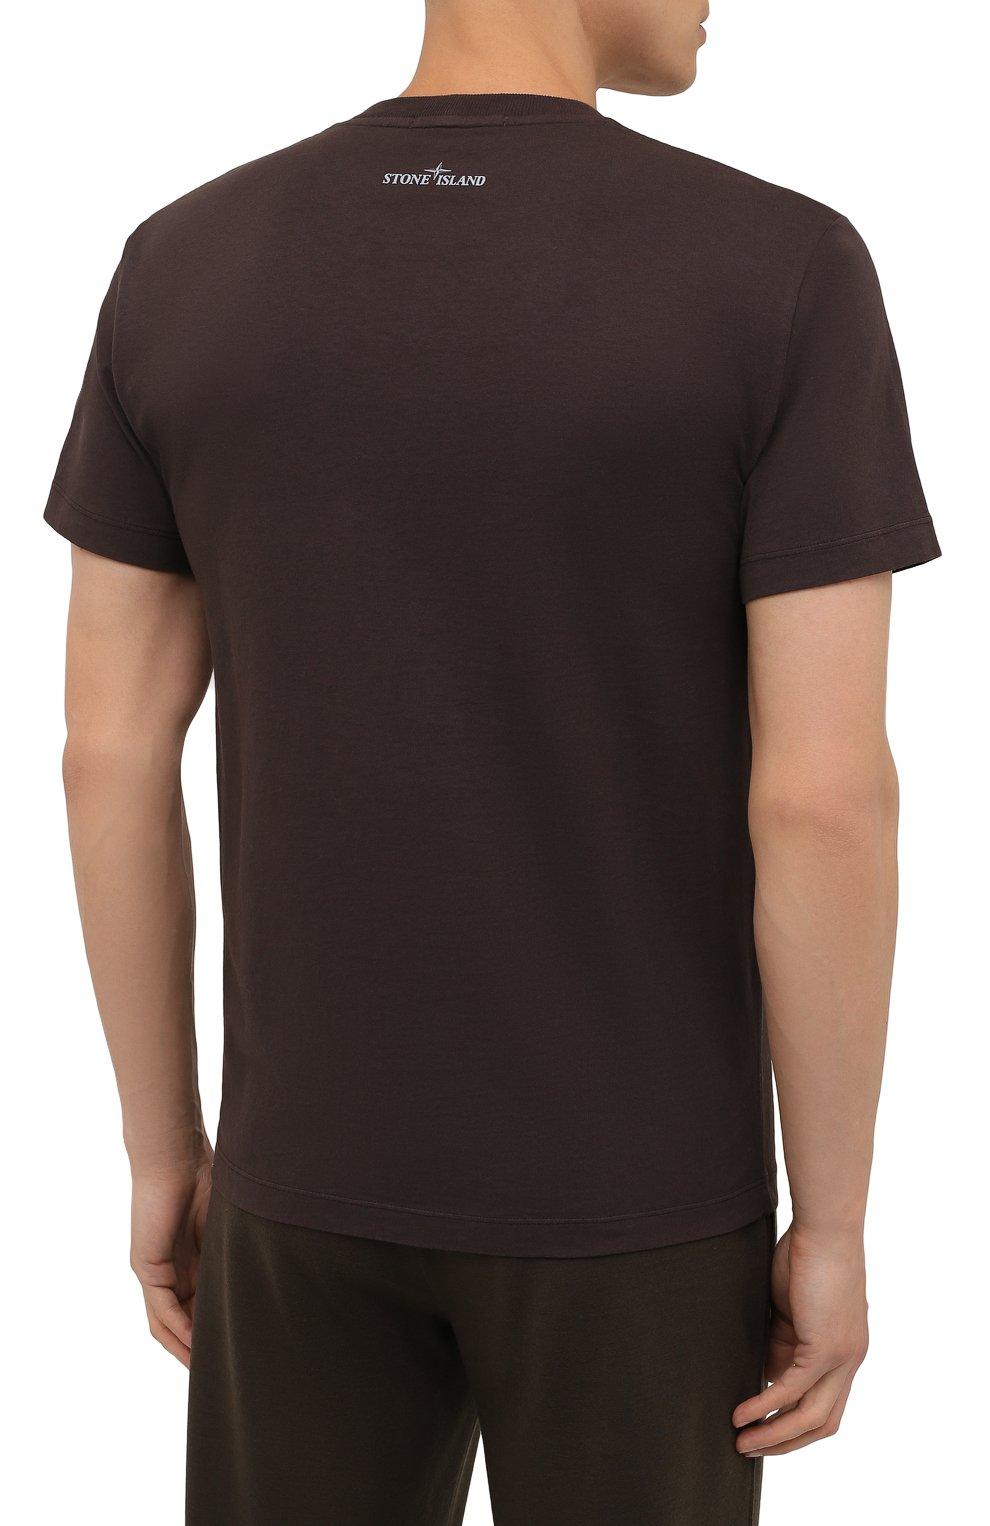 Мужская хлопковая футболка STONE ISLAND темно-коричневого цвета, арт. 75152NS89   Фото 4 (Рукава: Короткие; Длина (для топов): Стандартные; Принт: С принтом; Материал внешний: Хлопок; Стили: Кэжуэл)